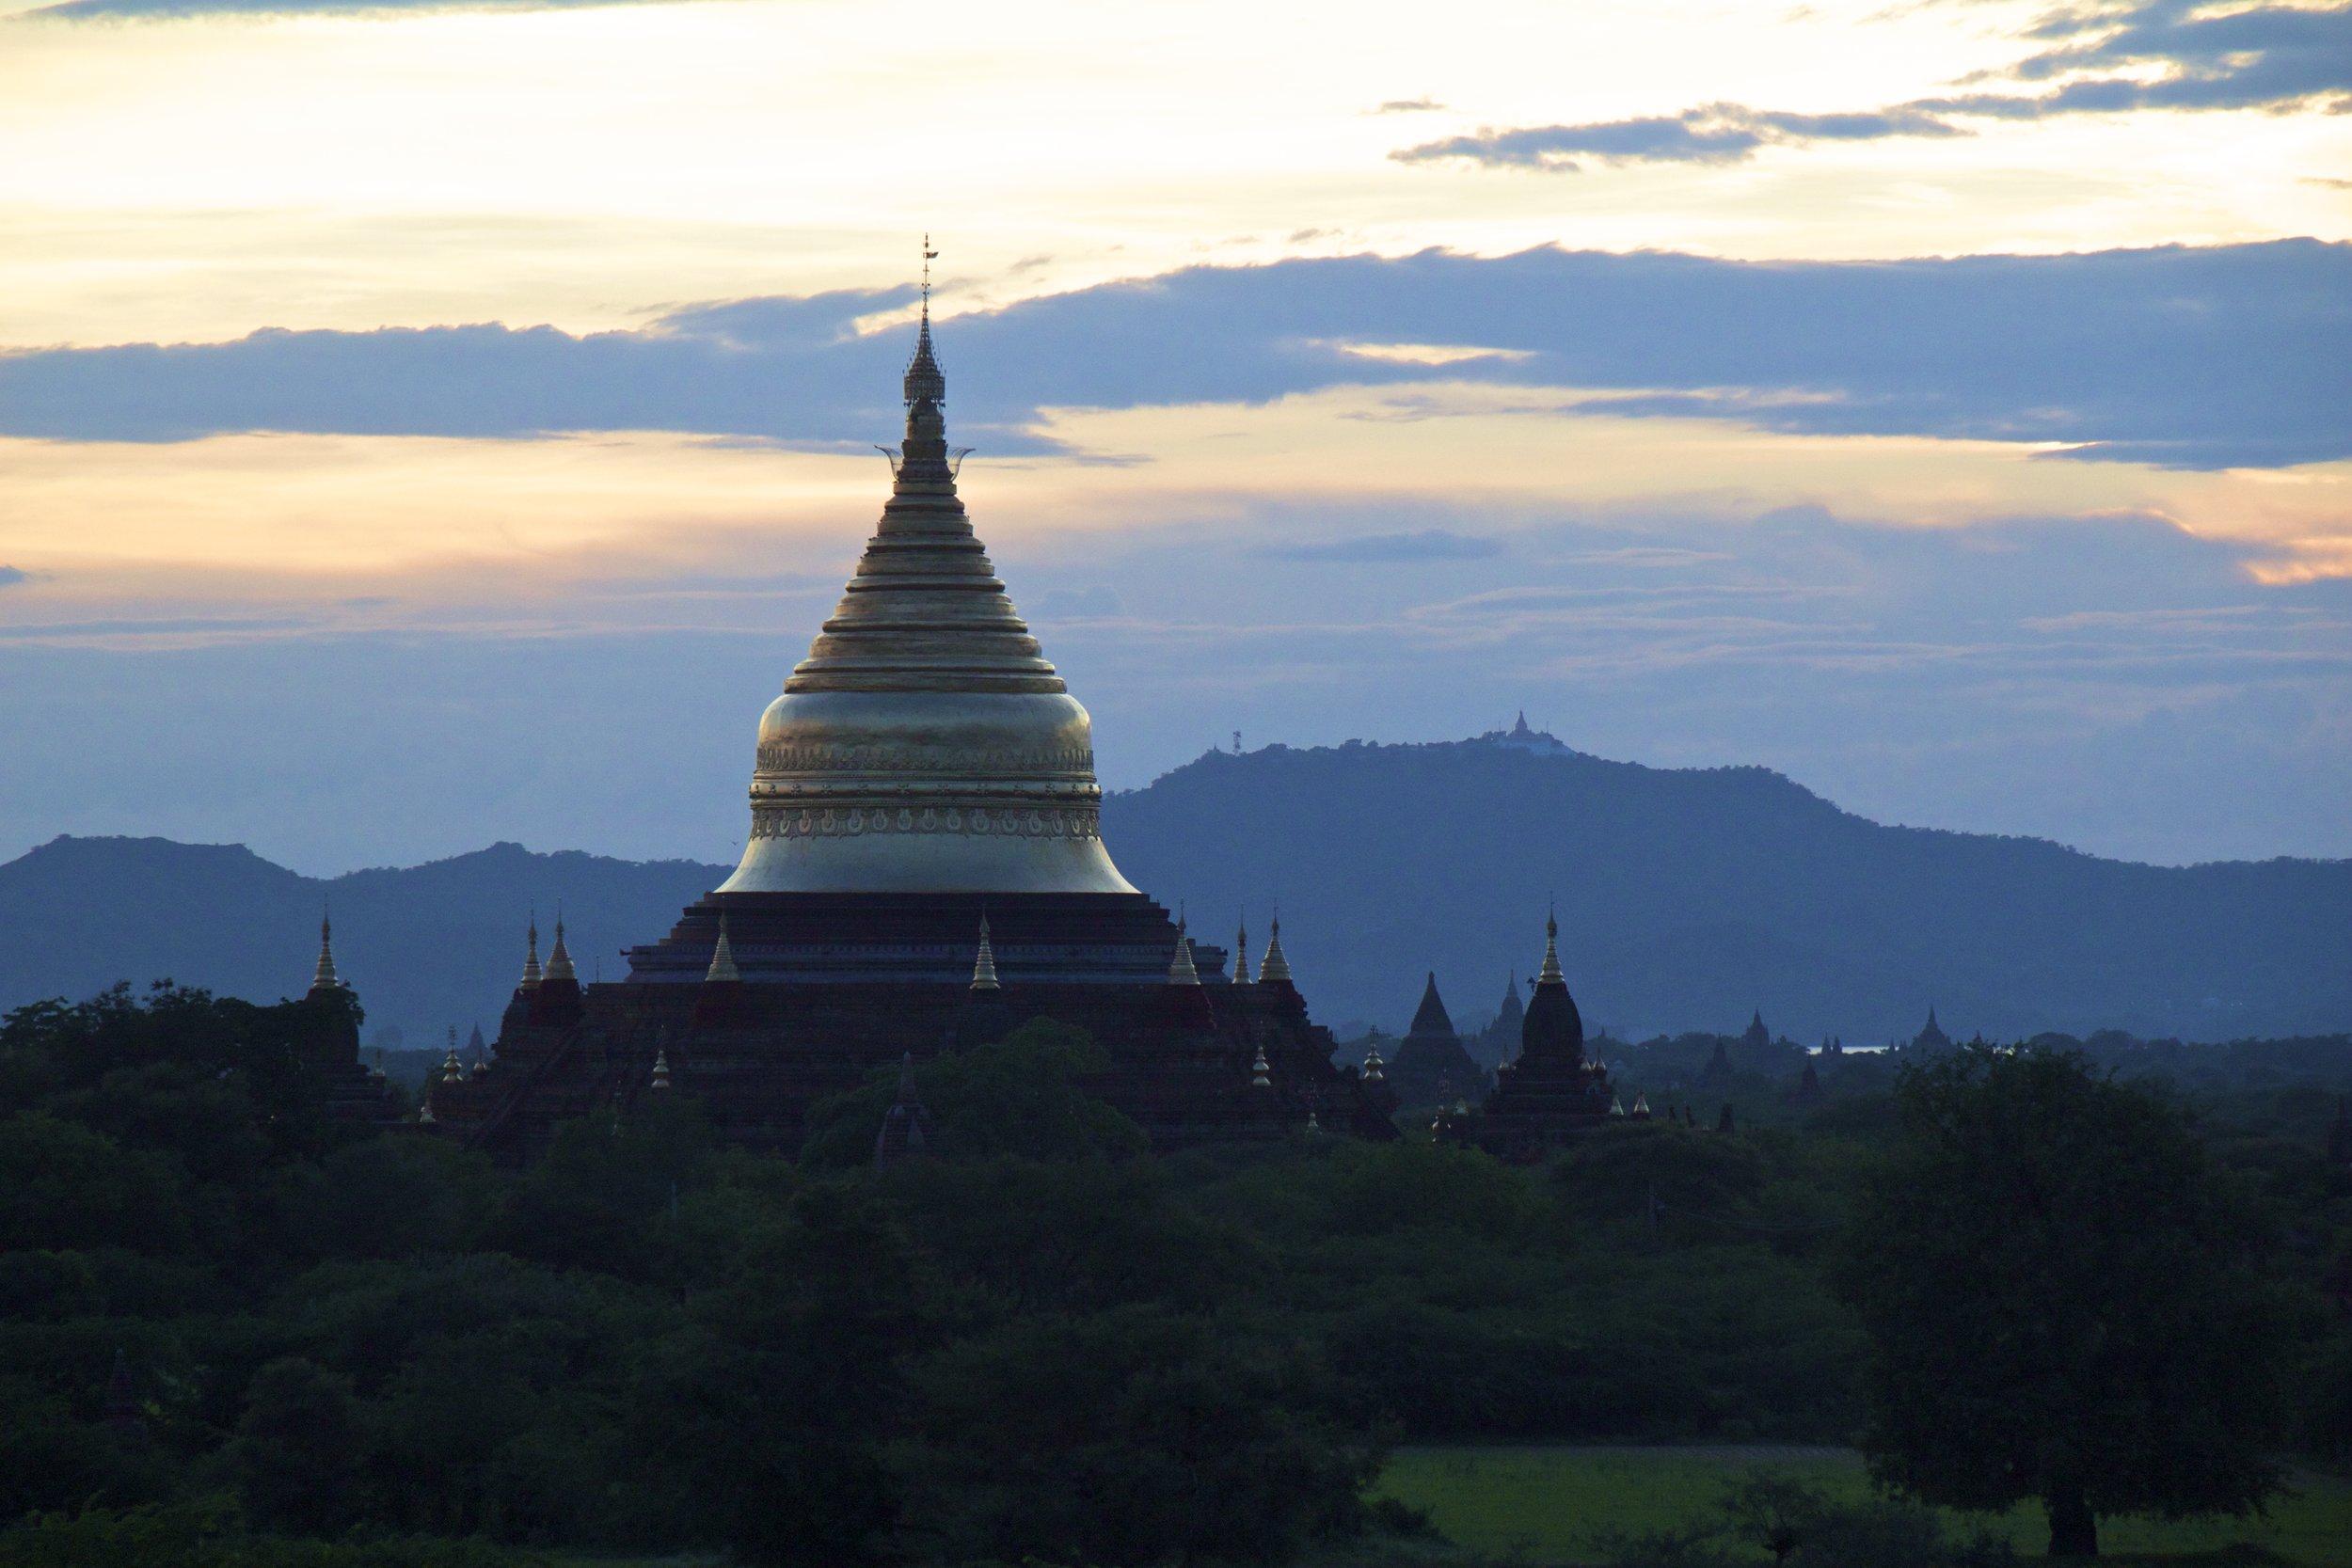 bagan burma myanmar temples sunset 6.jpg